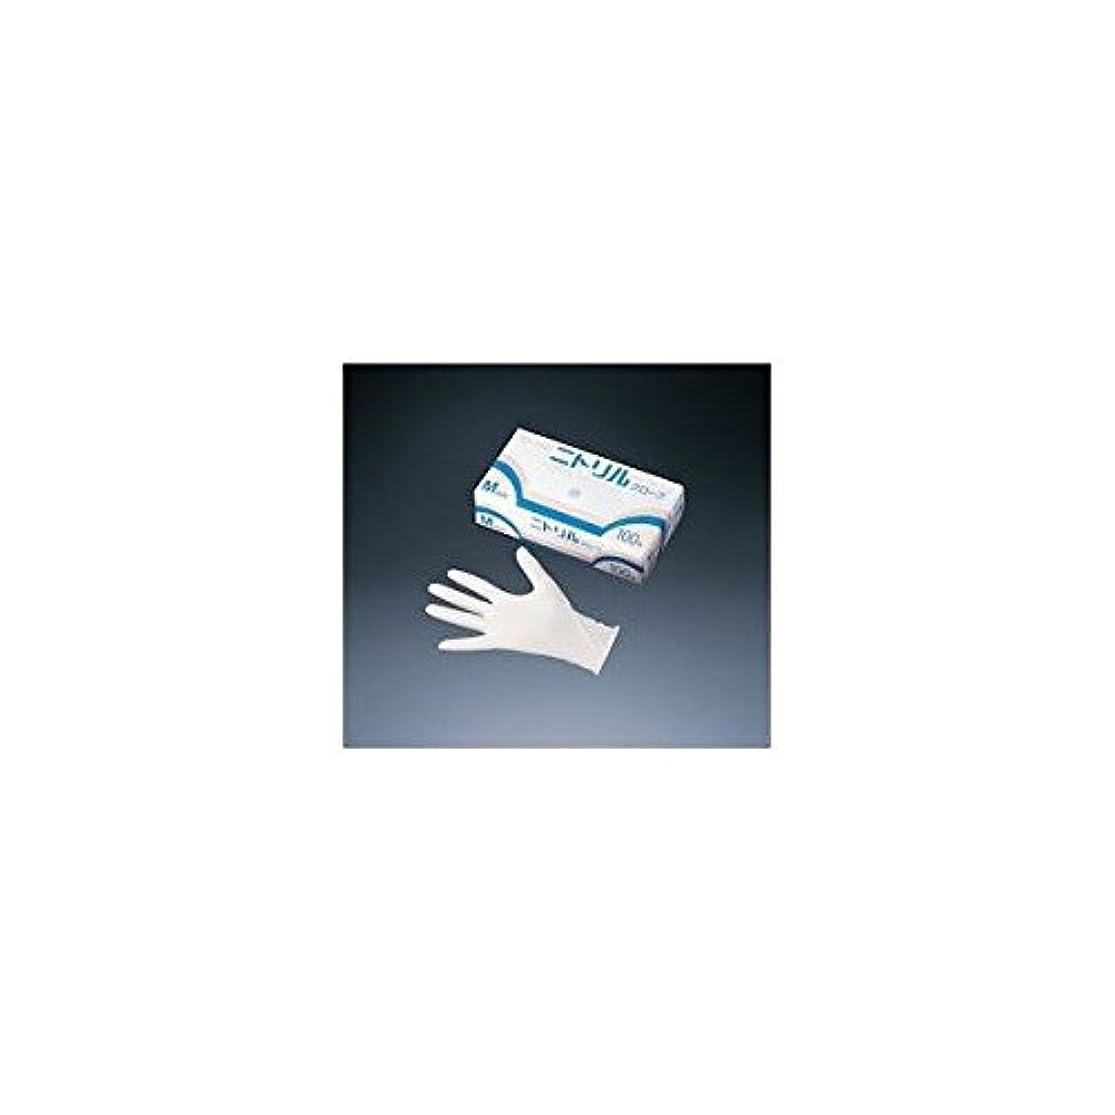 内向き奨学金クランプ旭創業 ニトリルグローブ ホワイト (100枚セット) SS